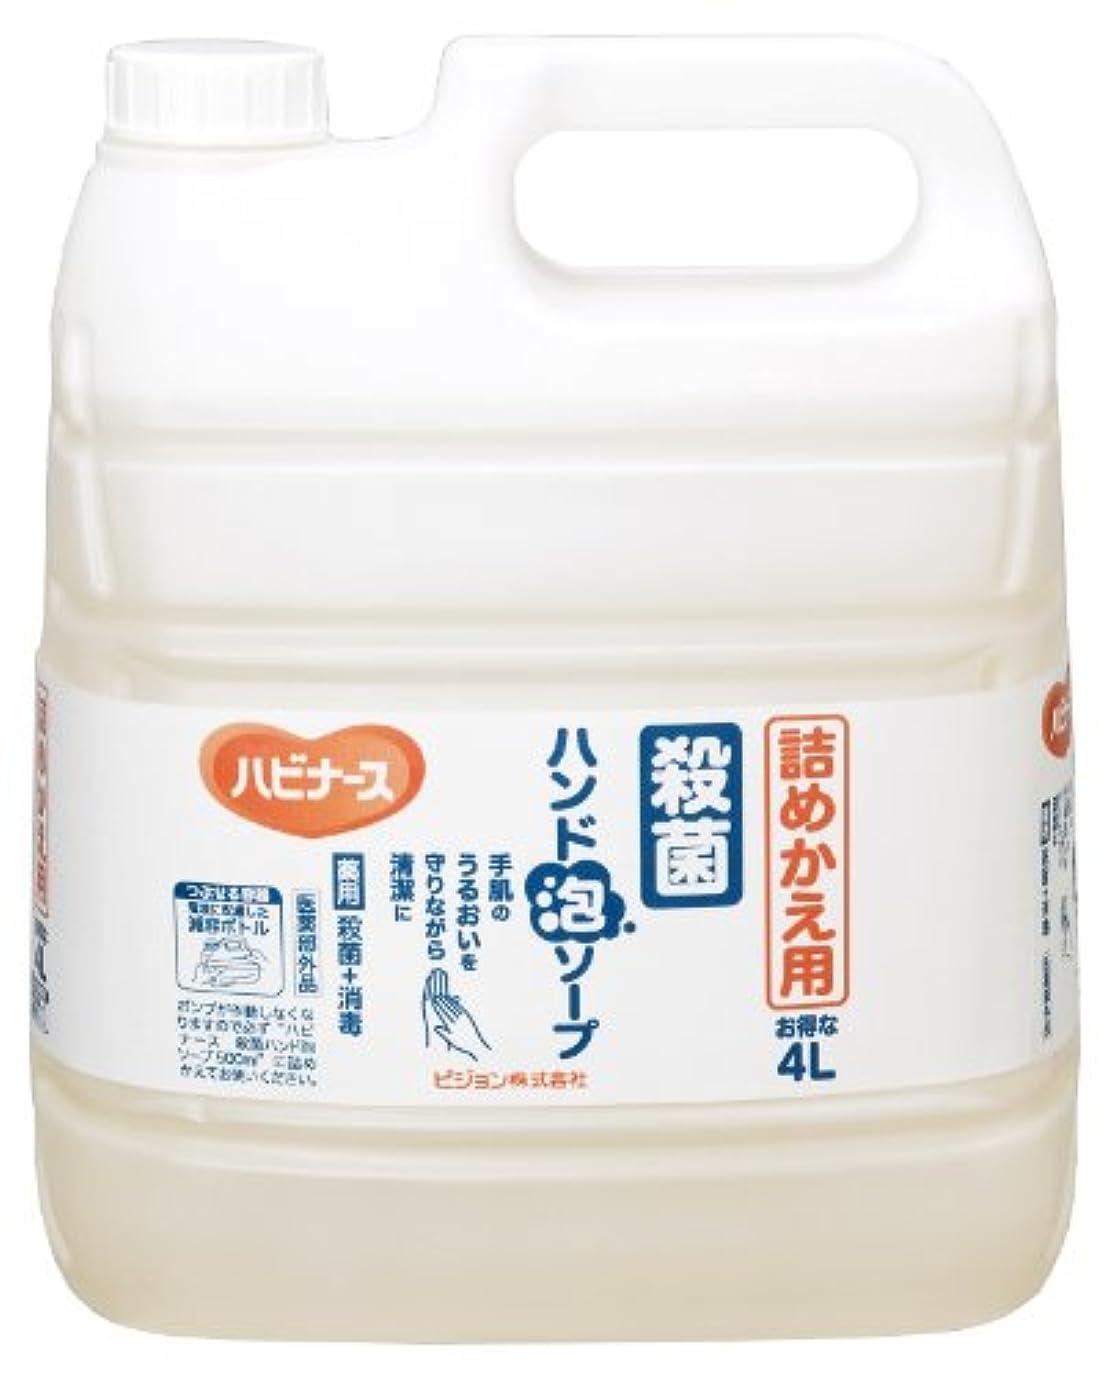 フリンジ相対的契約するハビナース 殺菌ハンド泡ソープ(詰替 11902(4L) ピジョン